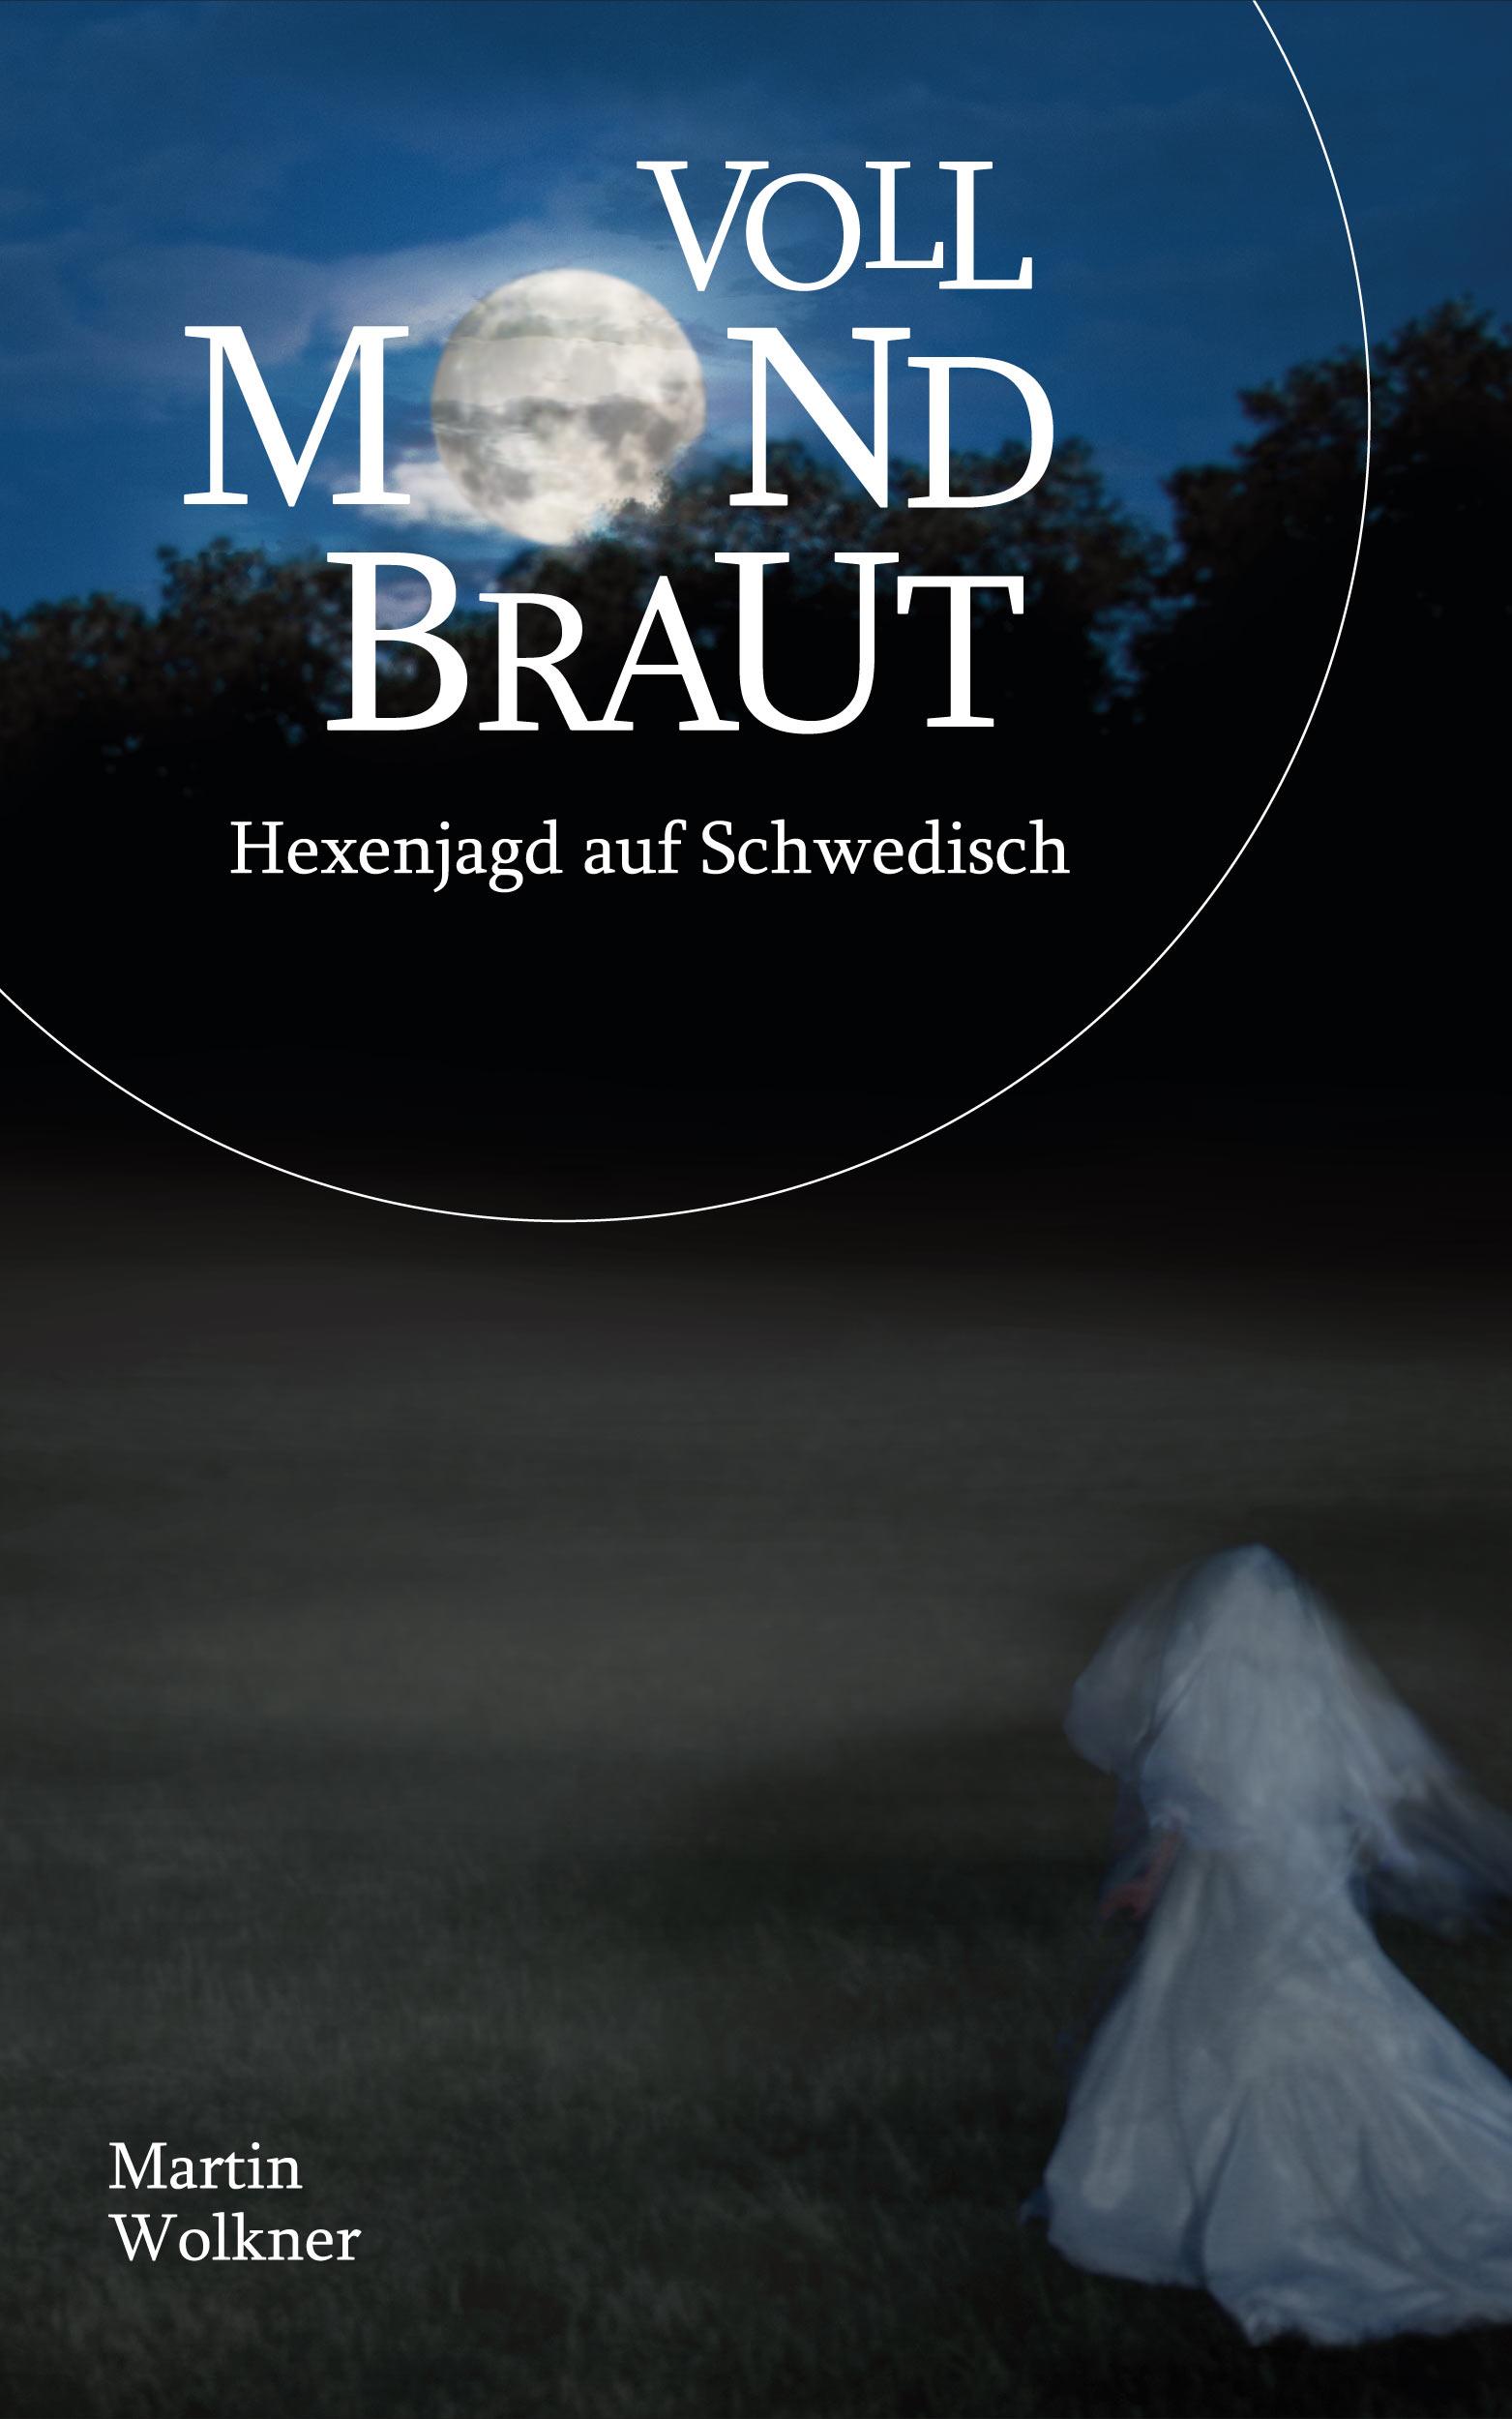 Roman-Cover-Poster Vollmondbraut: Hexenjagd auf Schwedisch von Martin Wolkner